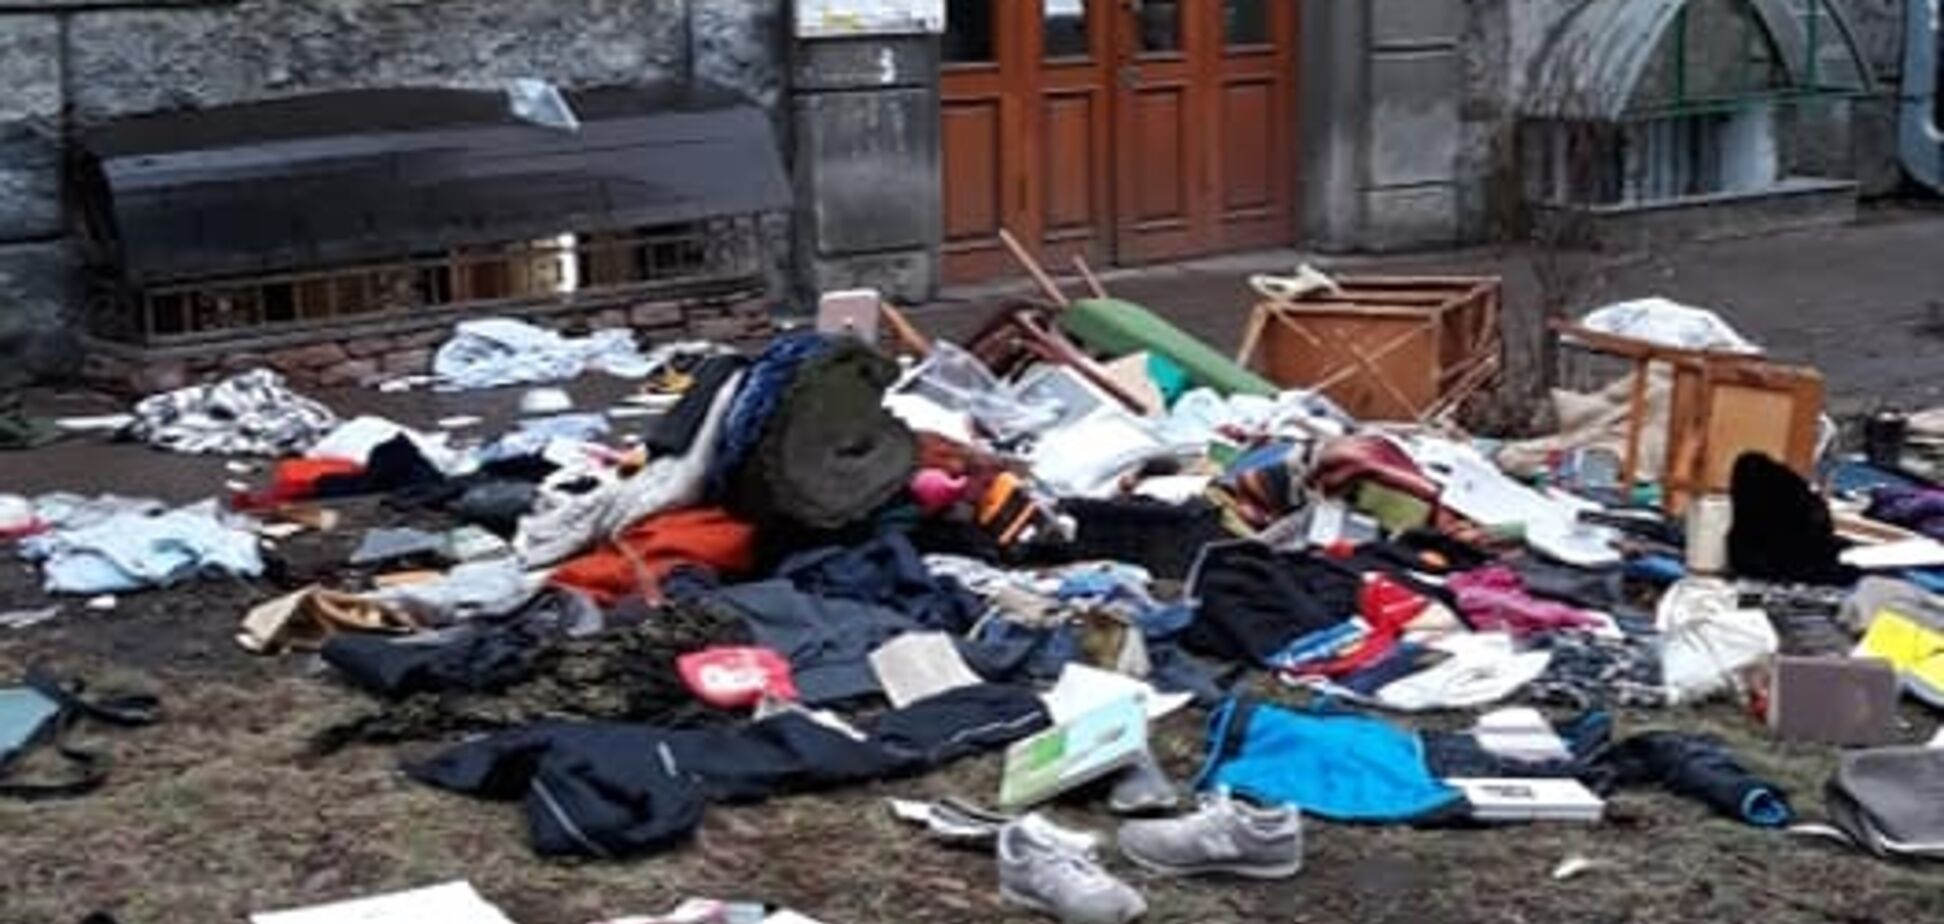 История о 'местибывшему парню' в Киеве получила неожиданный поворот